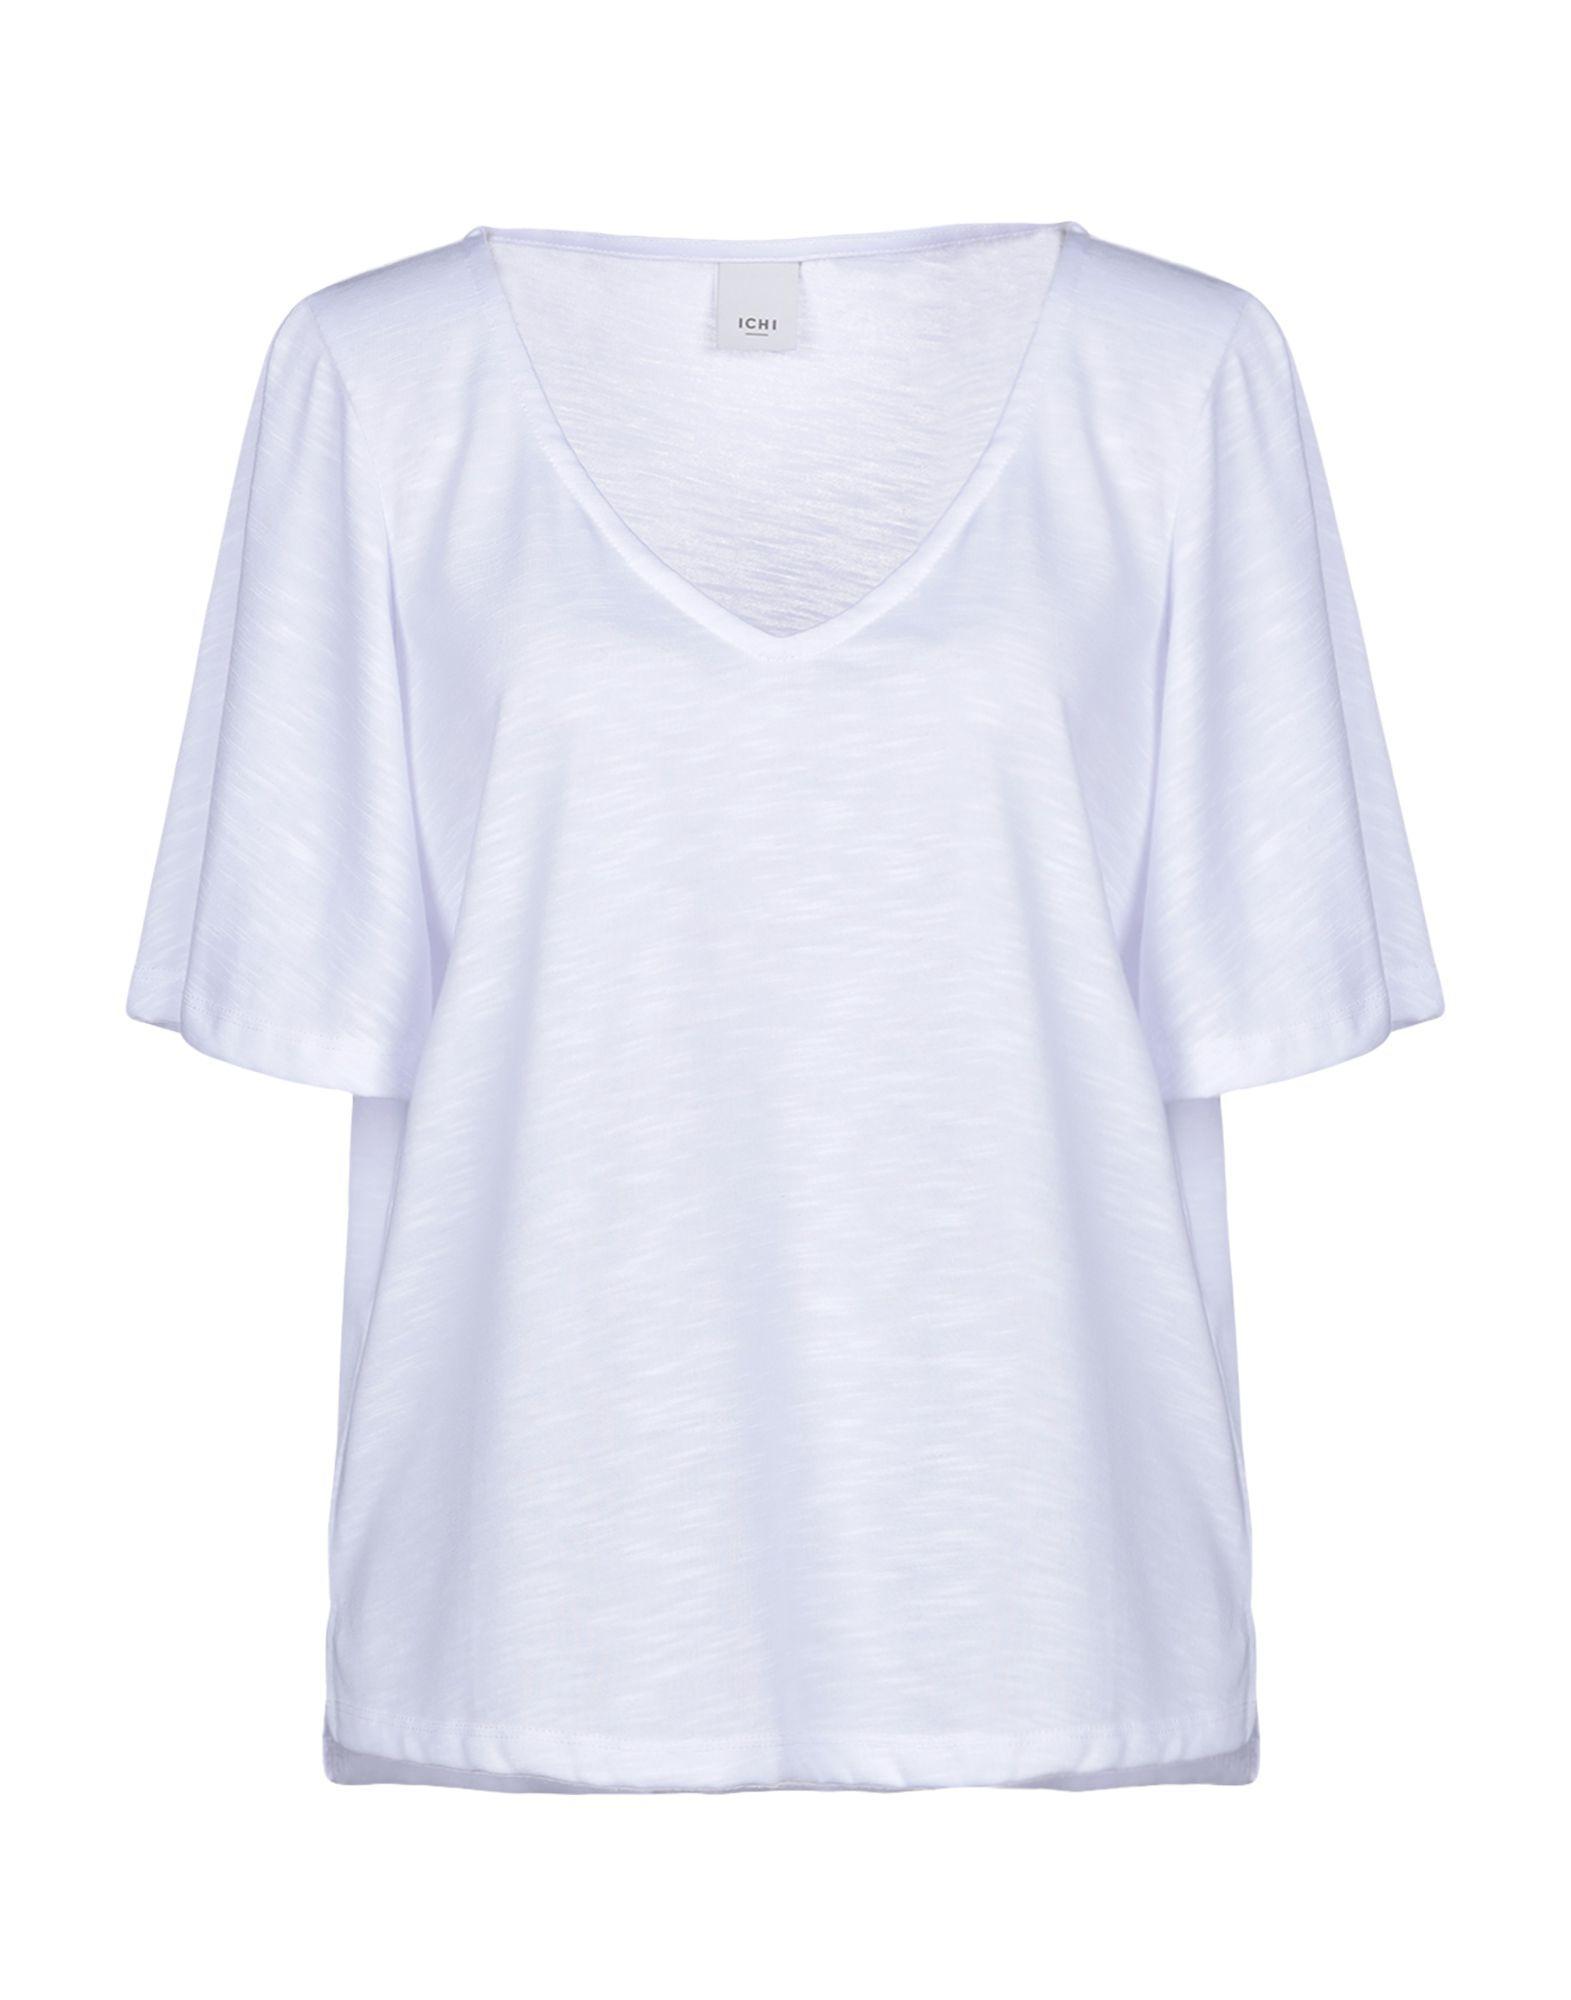 9da74e88c7f8 Ichi - White T-shirt - Lyst. View fullscreen